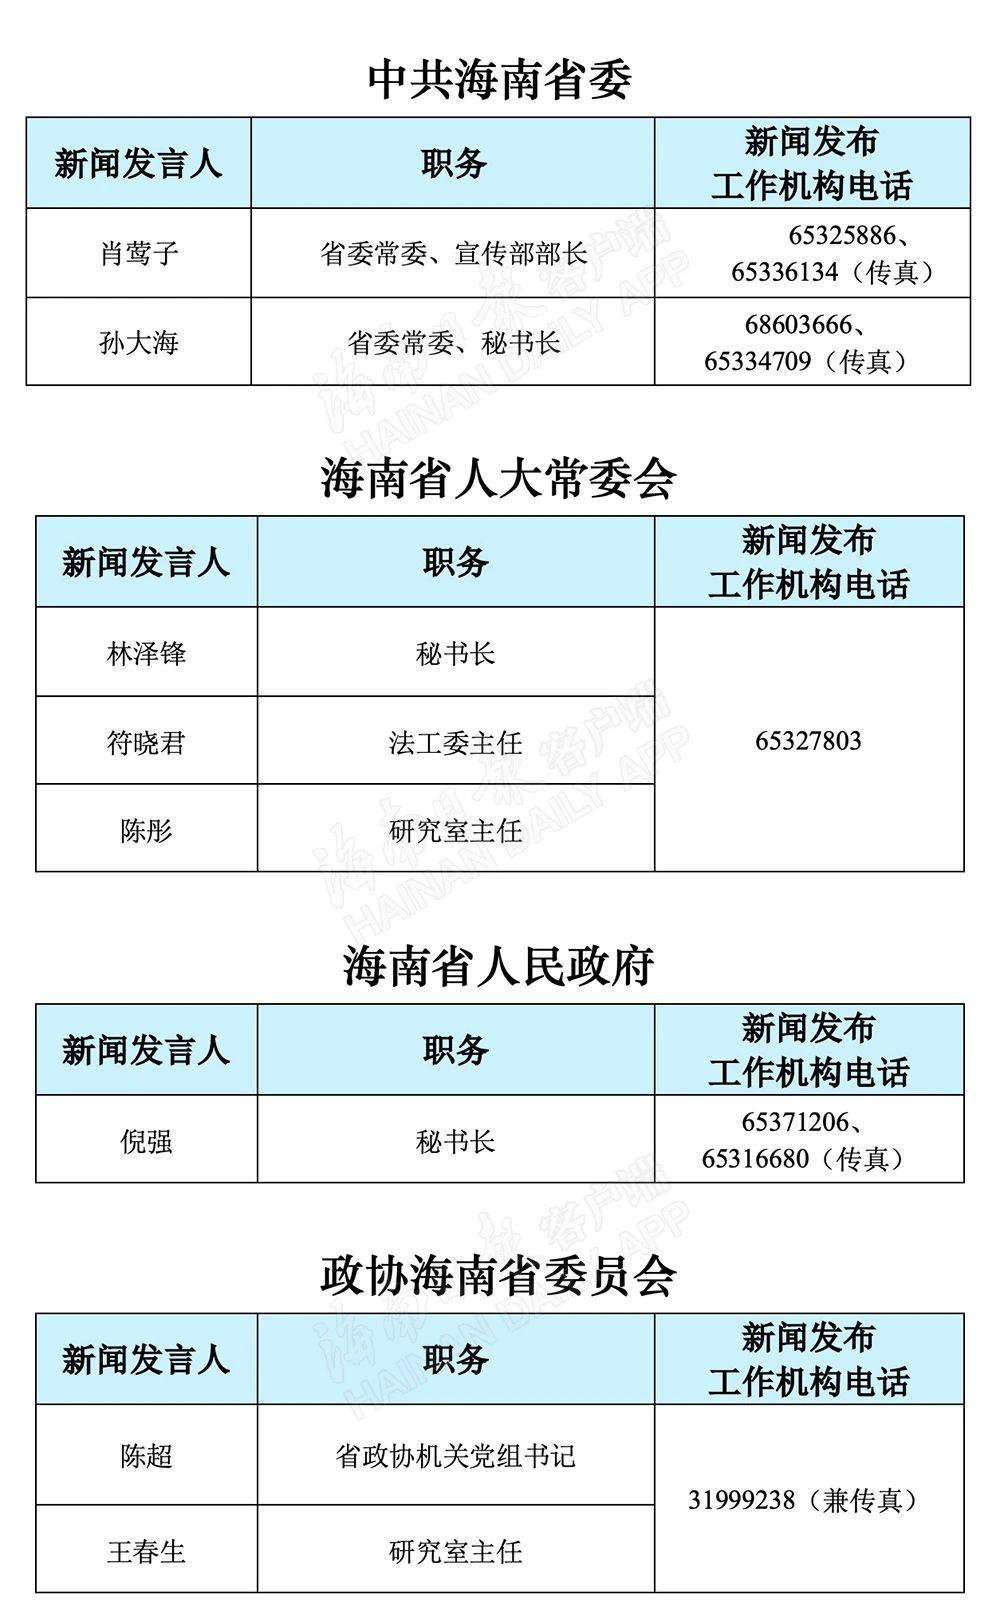 海南省2021年新闻发言人名录及新闻发布工作机构电话图片